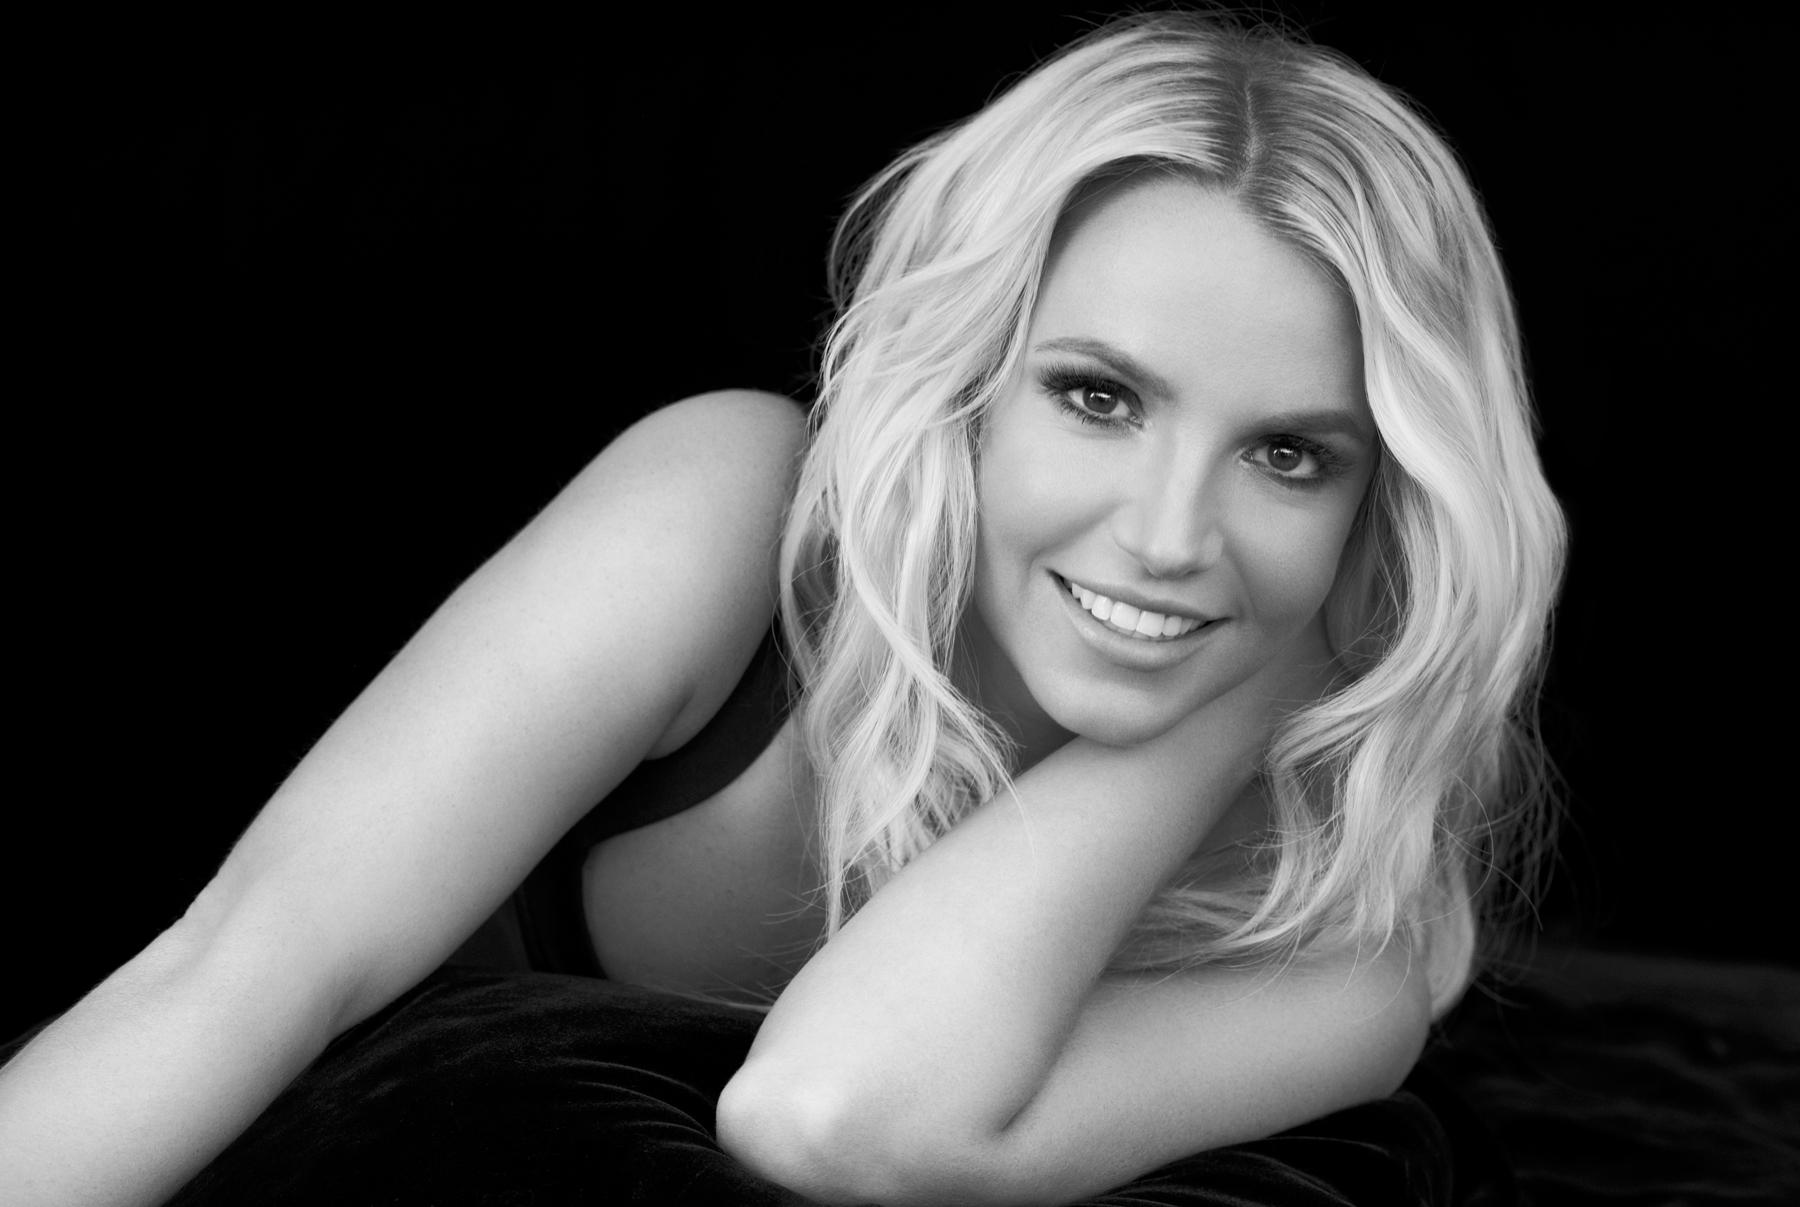 Britney Spears Documentary Hitting TV in December